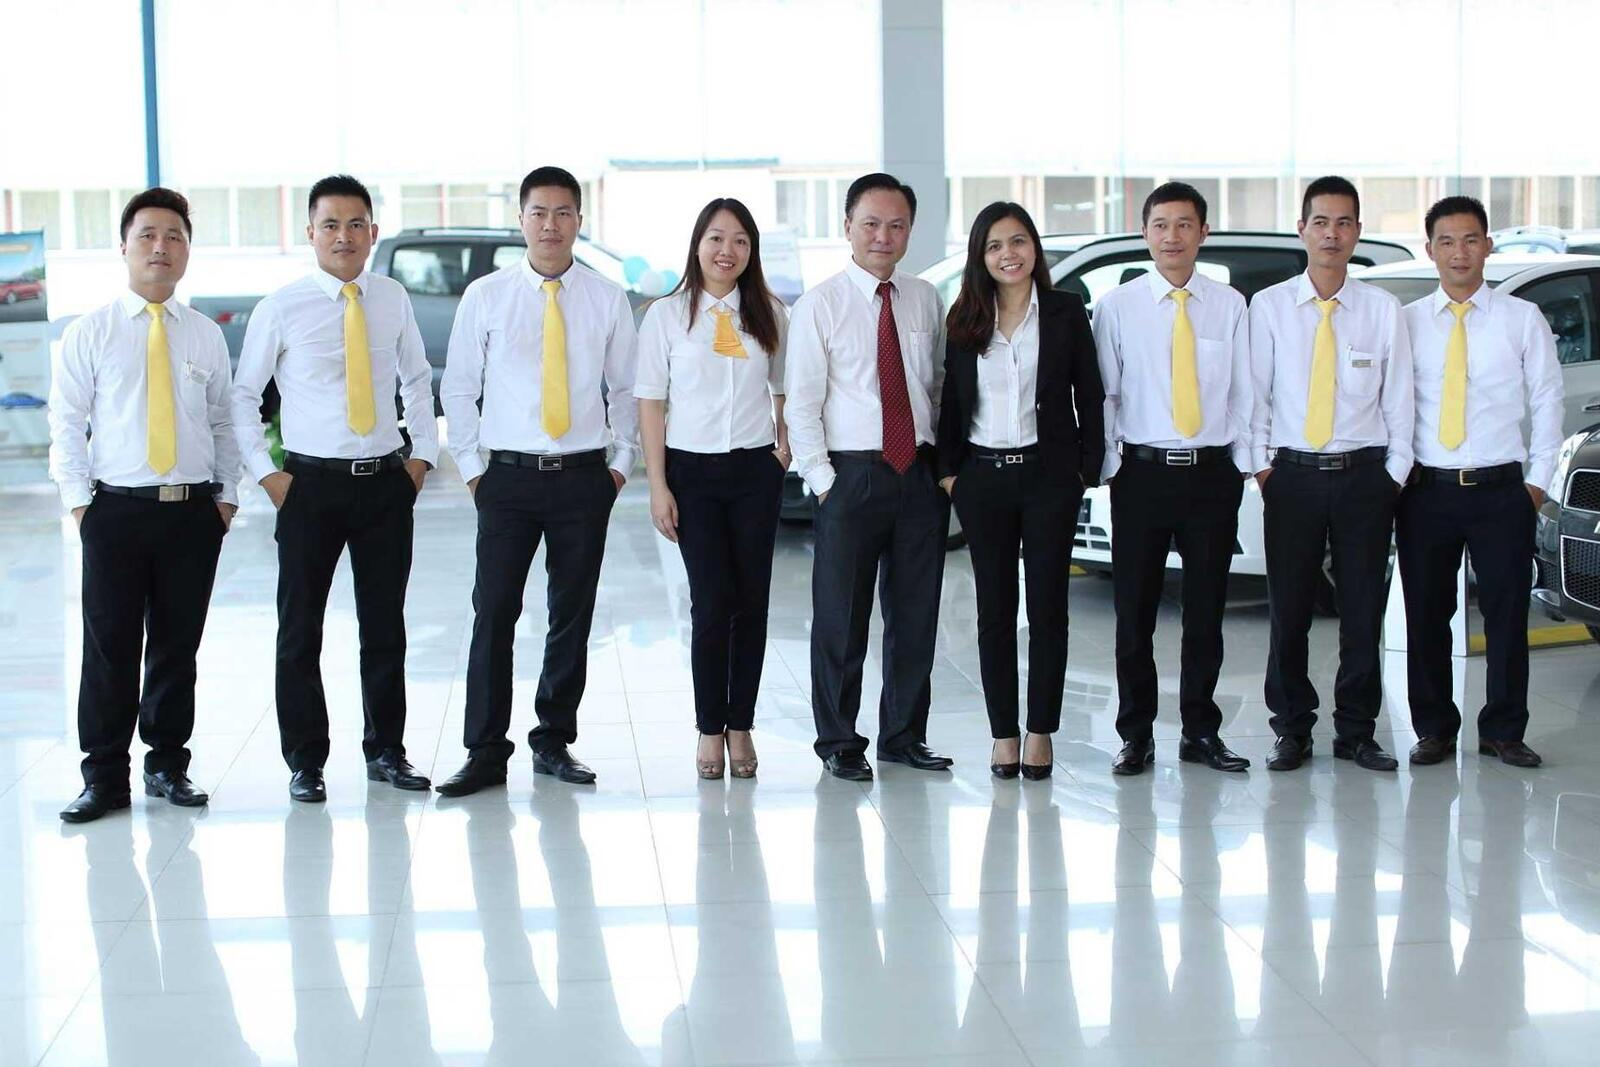 Đại lý Chevrolet Thăng Long sở hữu đội ngũ các kỹ sư, kỹ thuật viên lành nghề và đầy trách nhiệm.